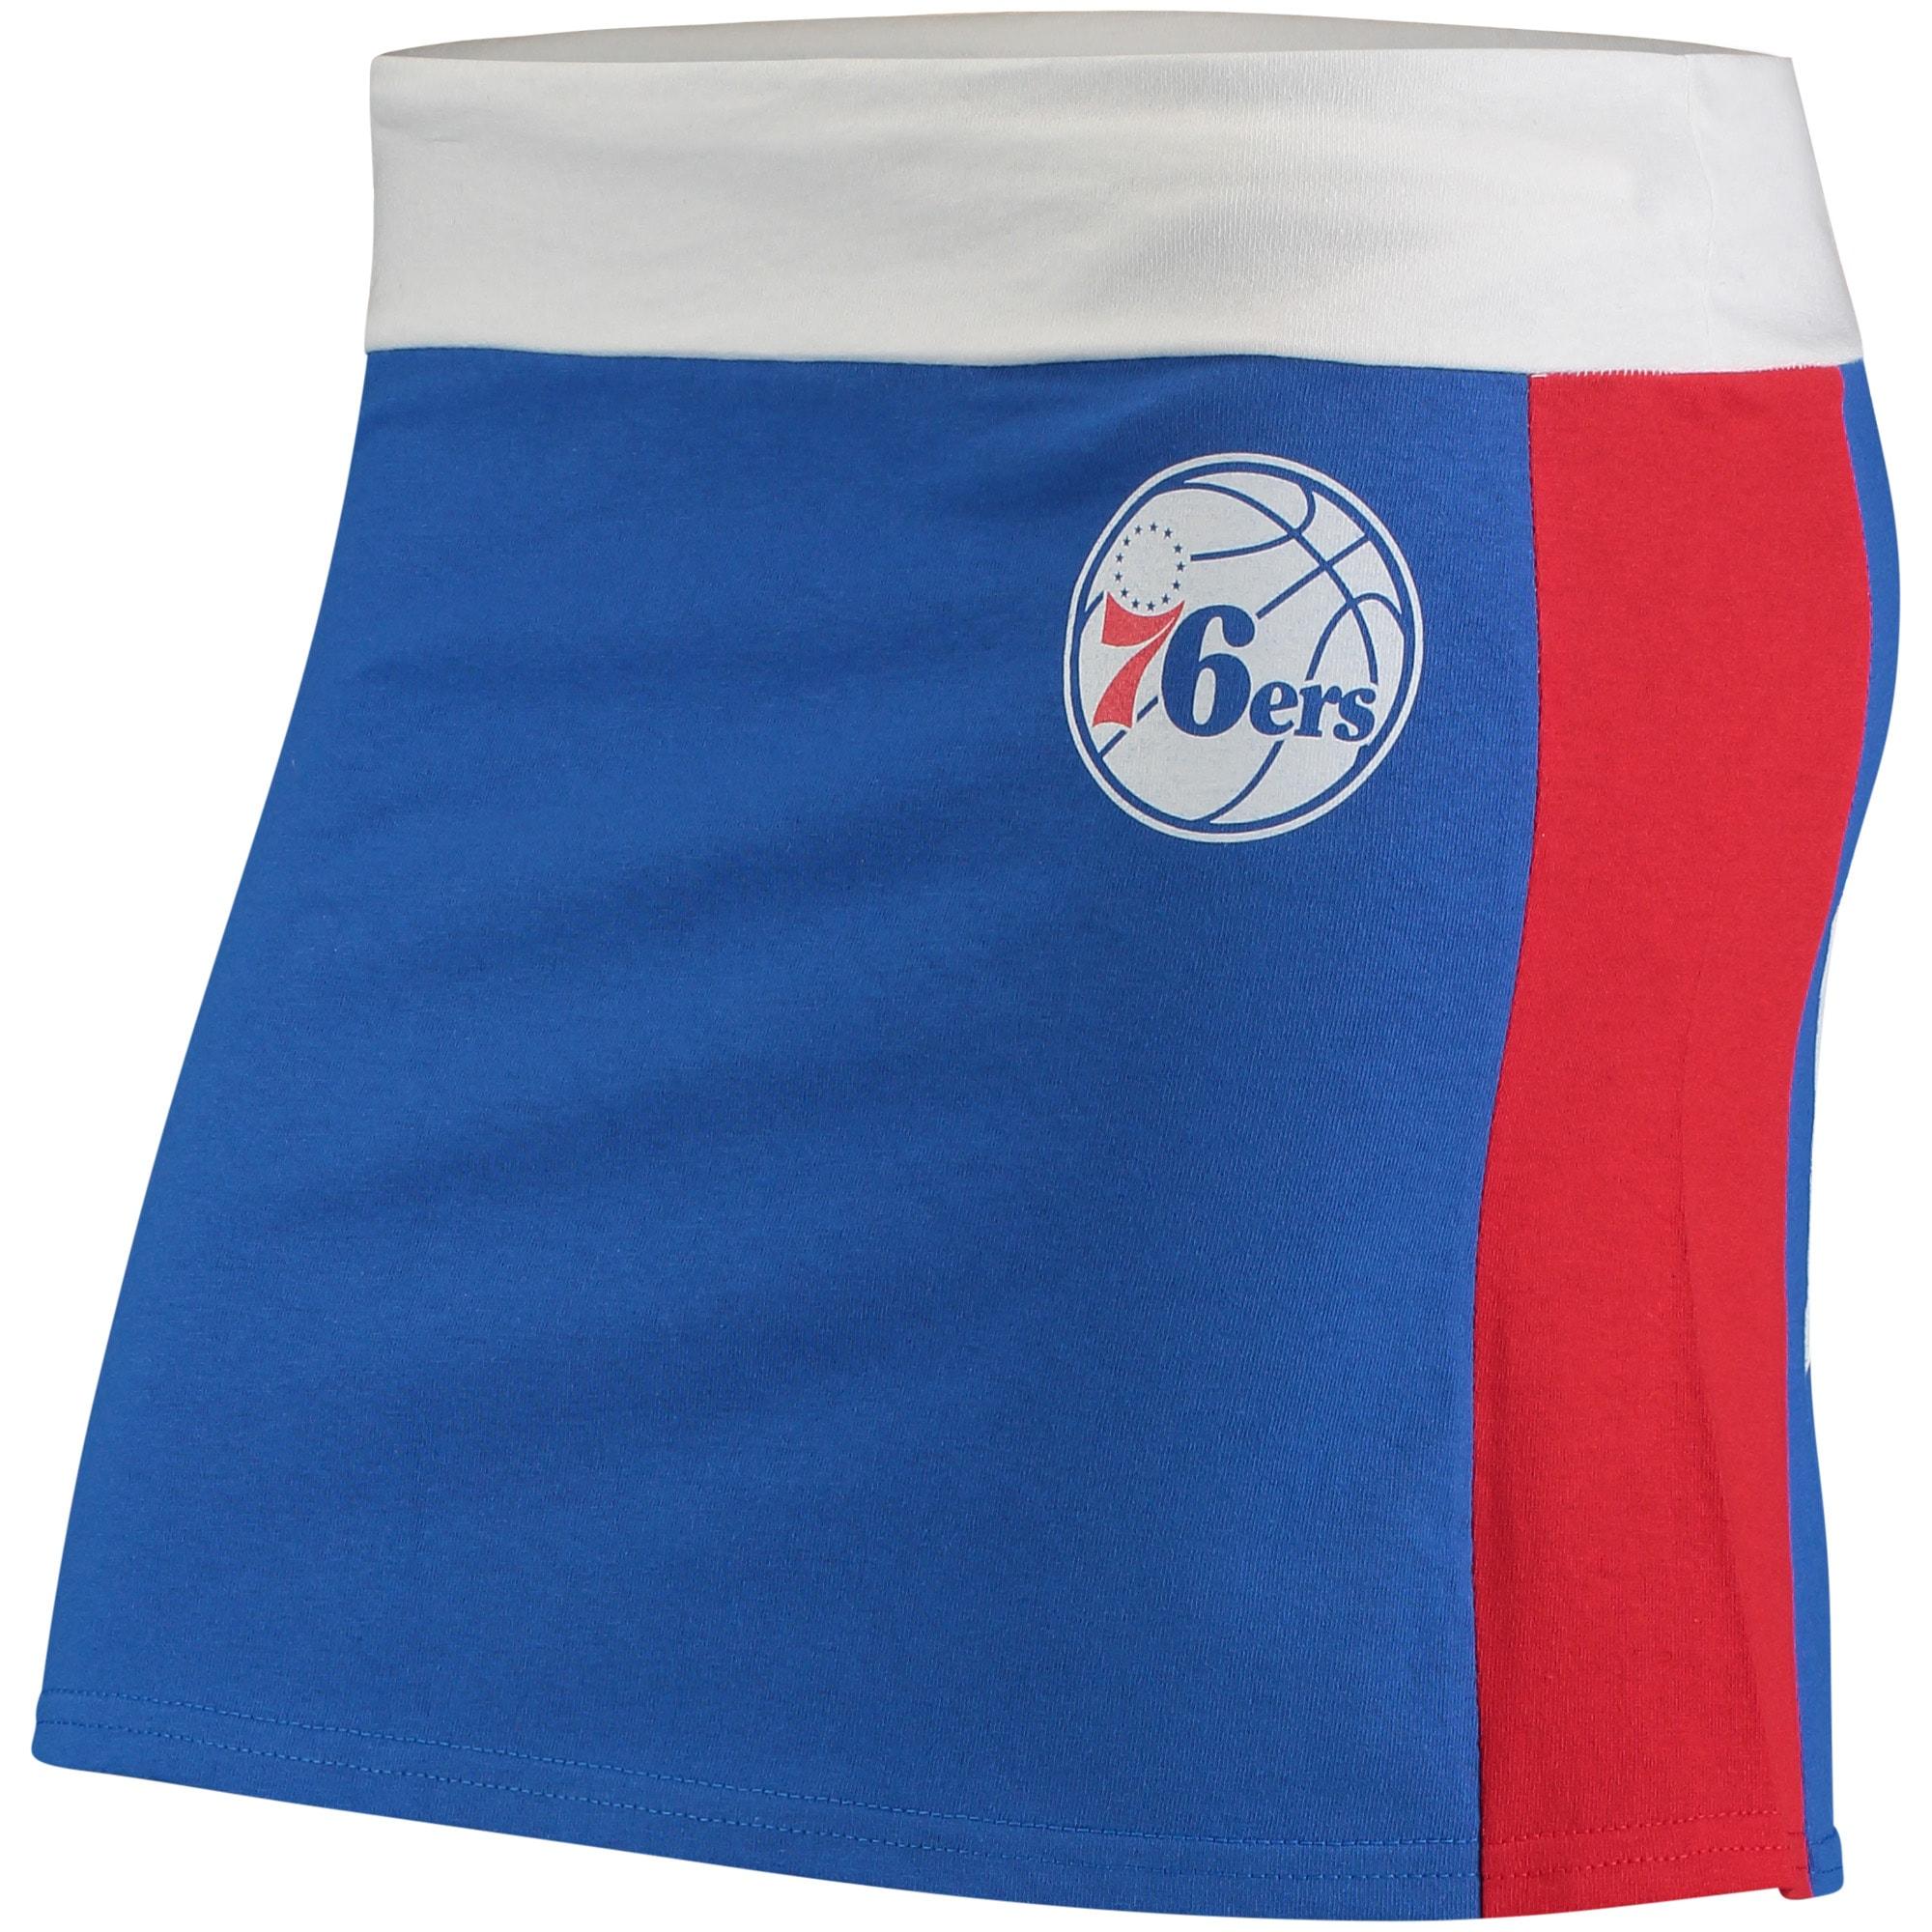 Philadelphia 76ers Refried Tees Women's Tee Mini Skirt - Royal/Red